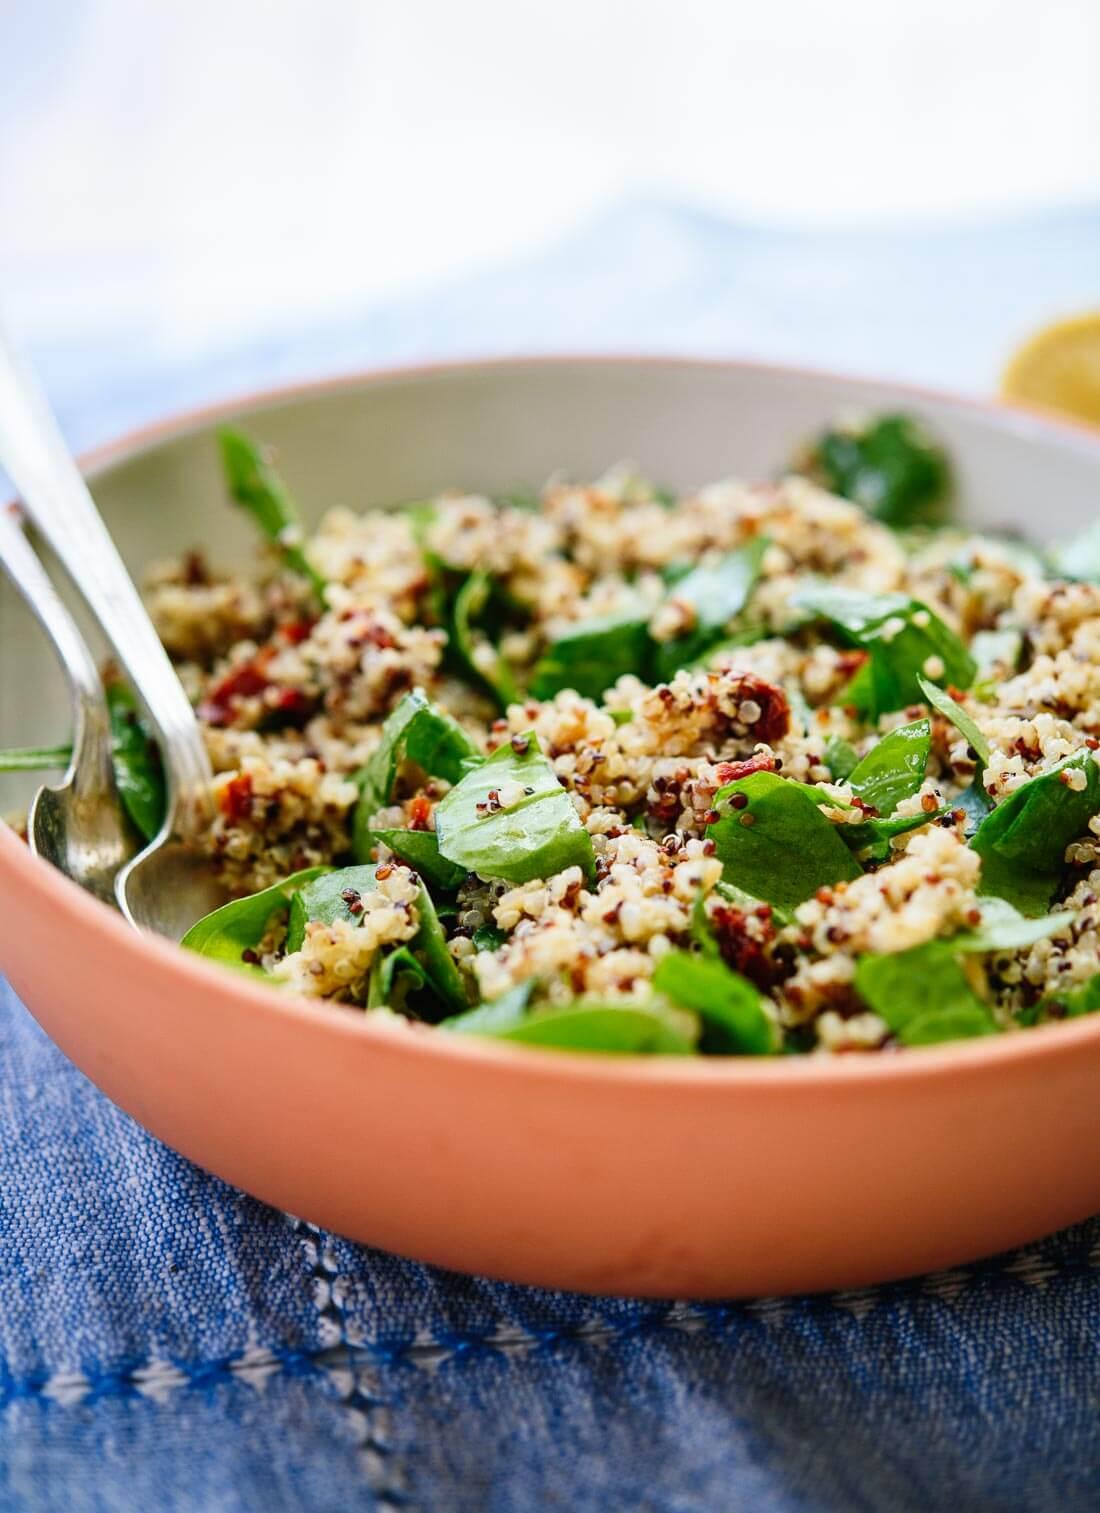 Sun-dried tomato, spinach and quinoa salad recipe - cookieandkate.com